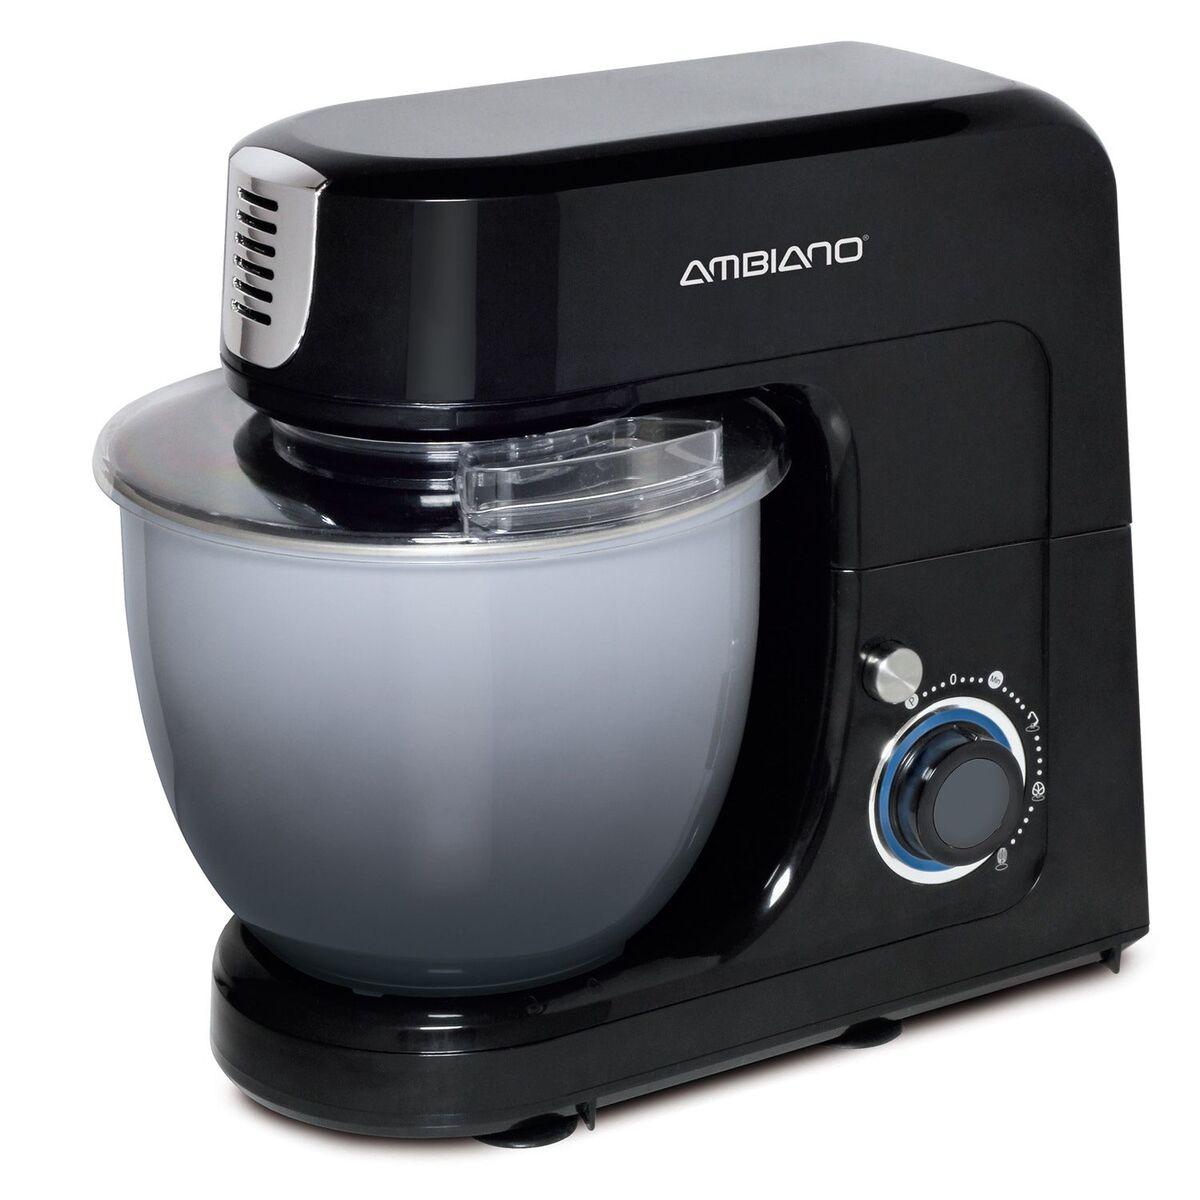 Bild 1 von AMBIANO Küchenmaschine